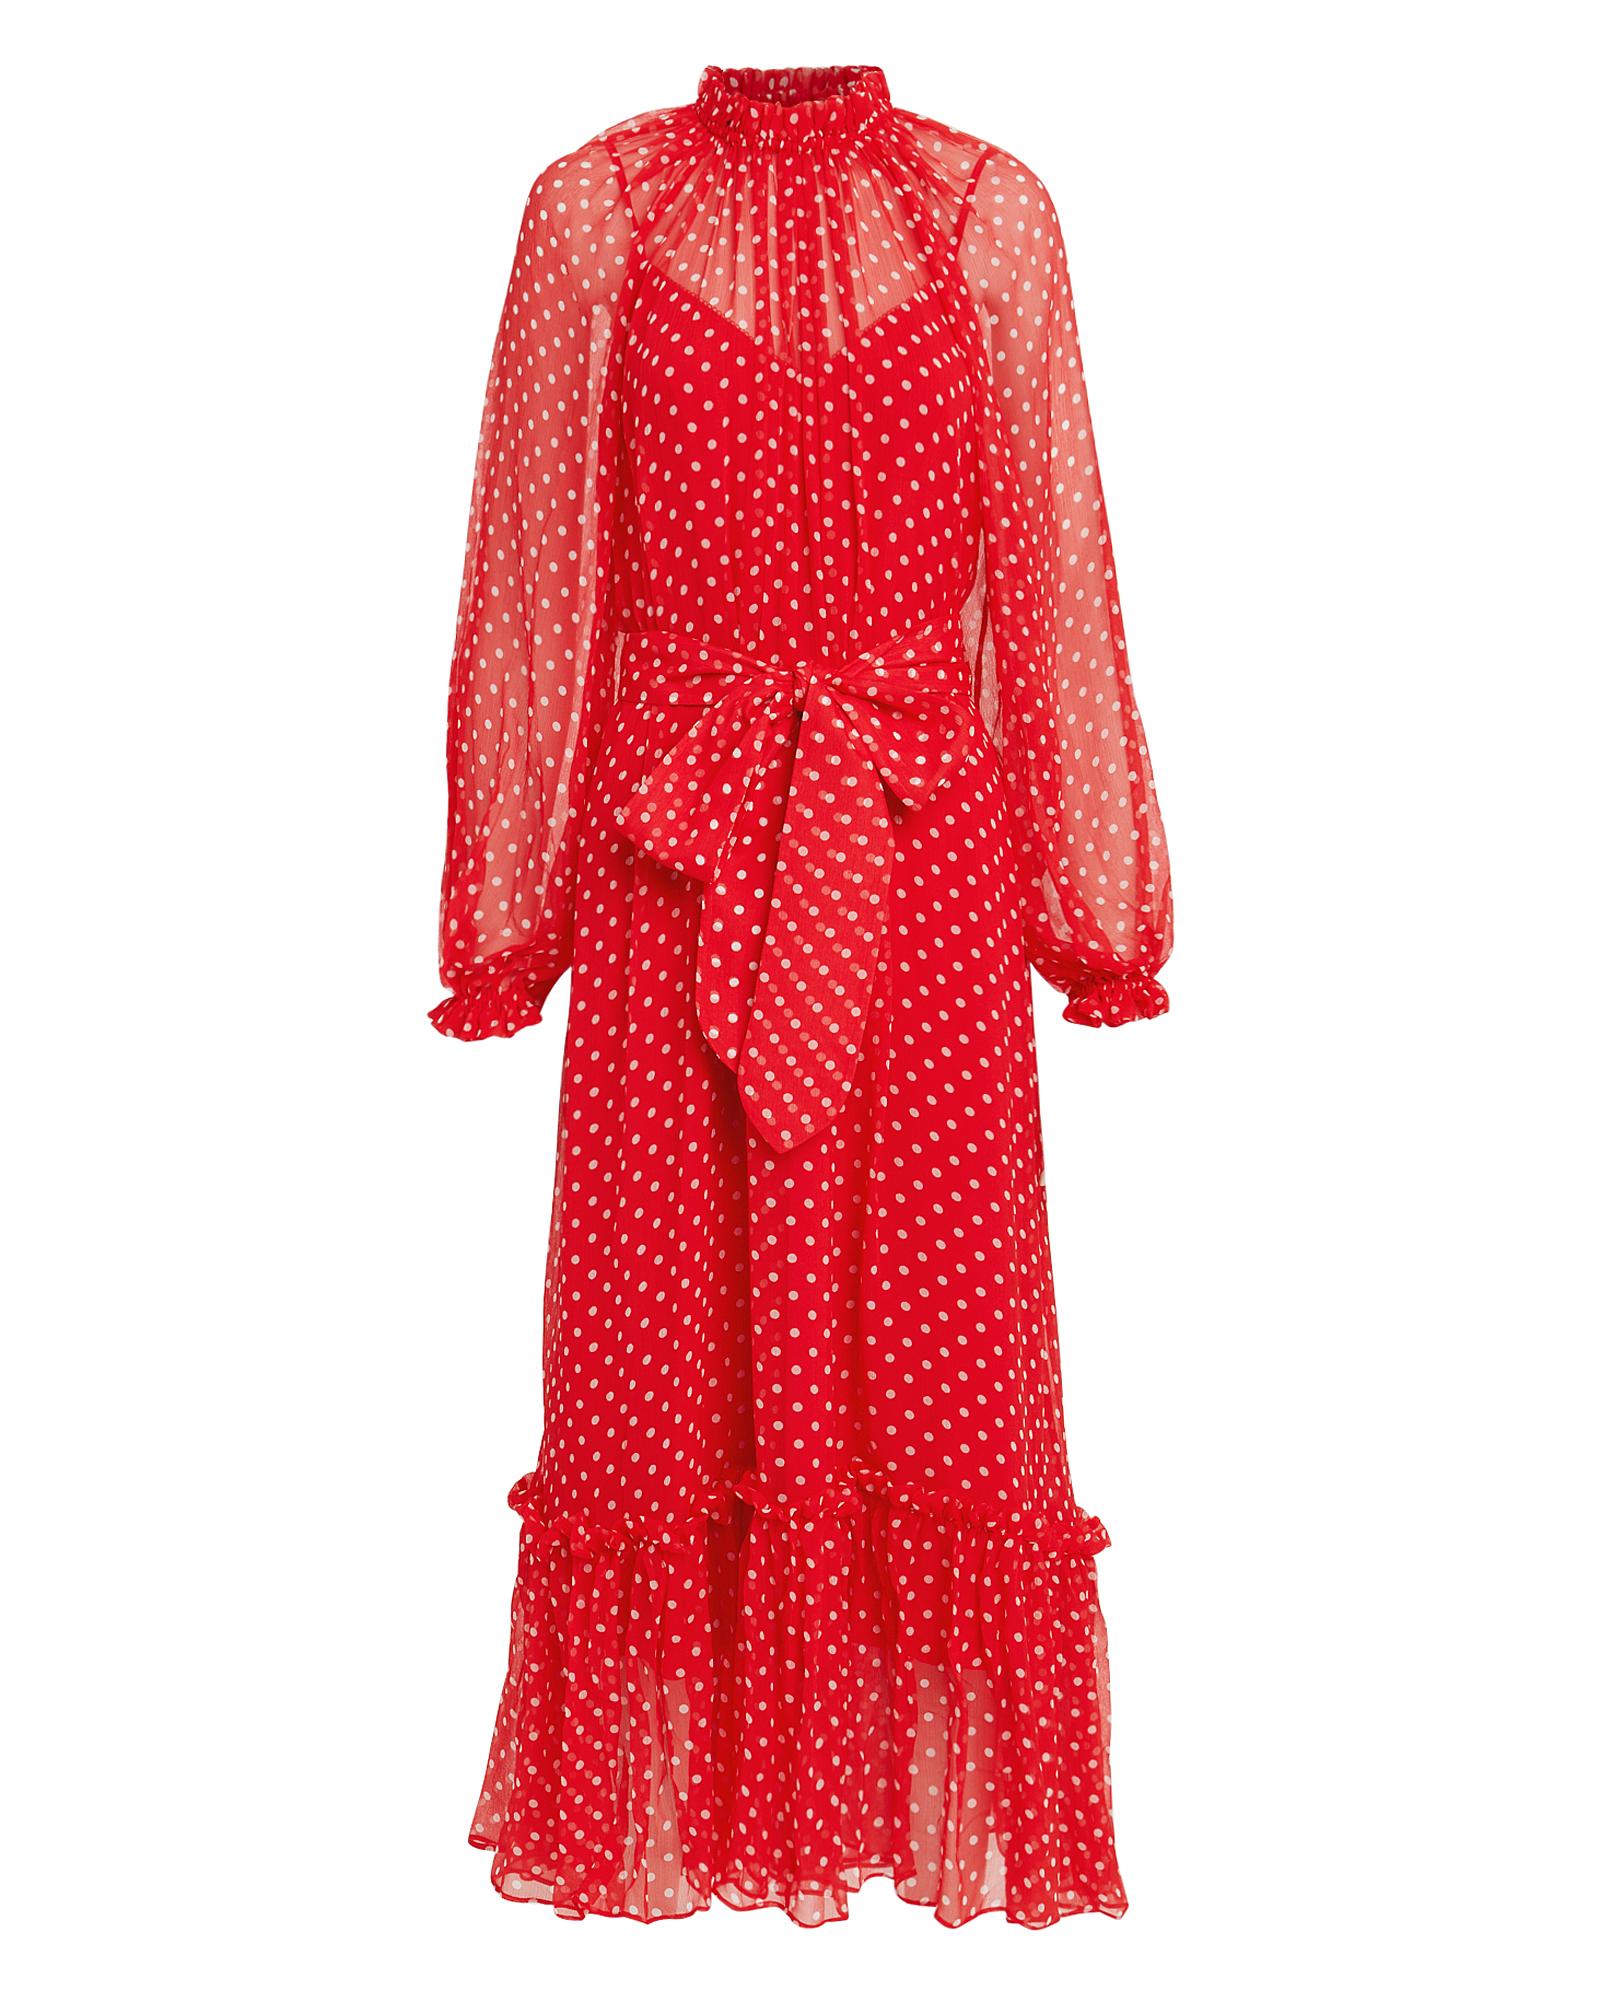 Zimmermann Dresses ZIMMERMANN NINETY-SIX SWING DRESS  MULTI ZERO